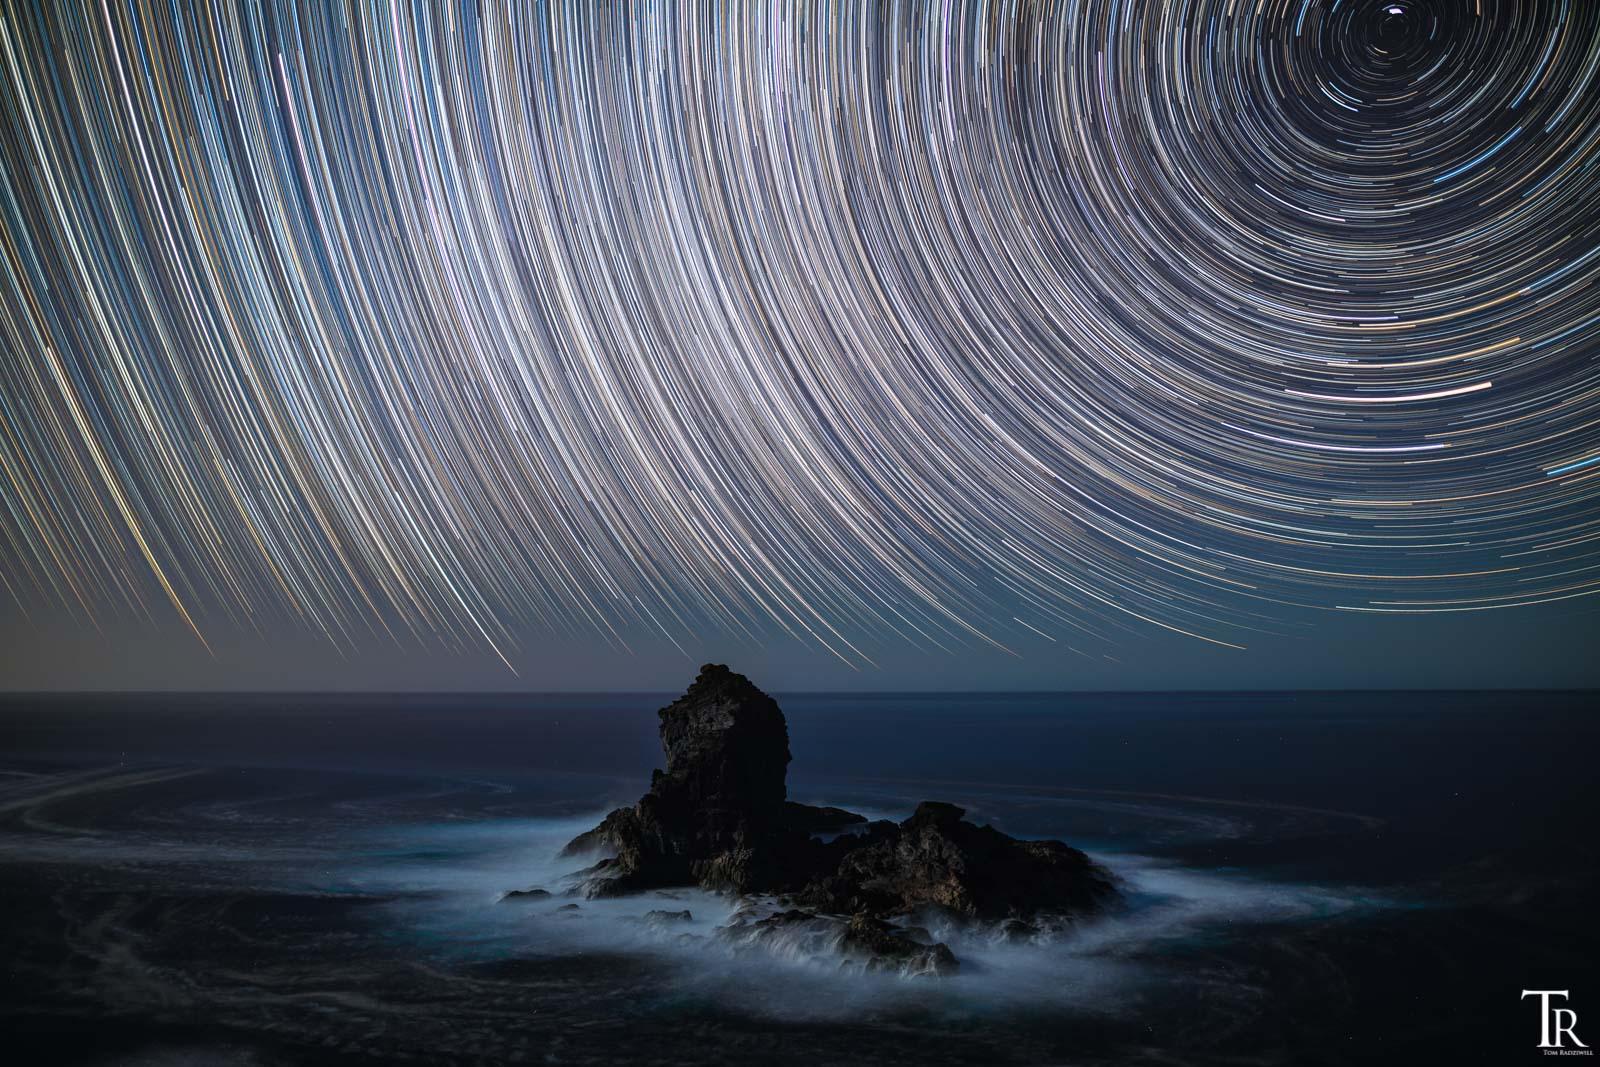 You are currently viewing La Palma: Abenteuer Nachtfotografie an der Steilküste